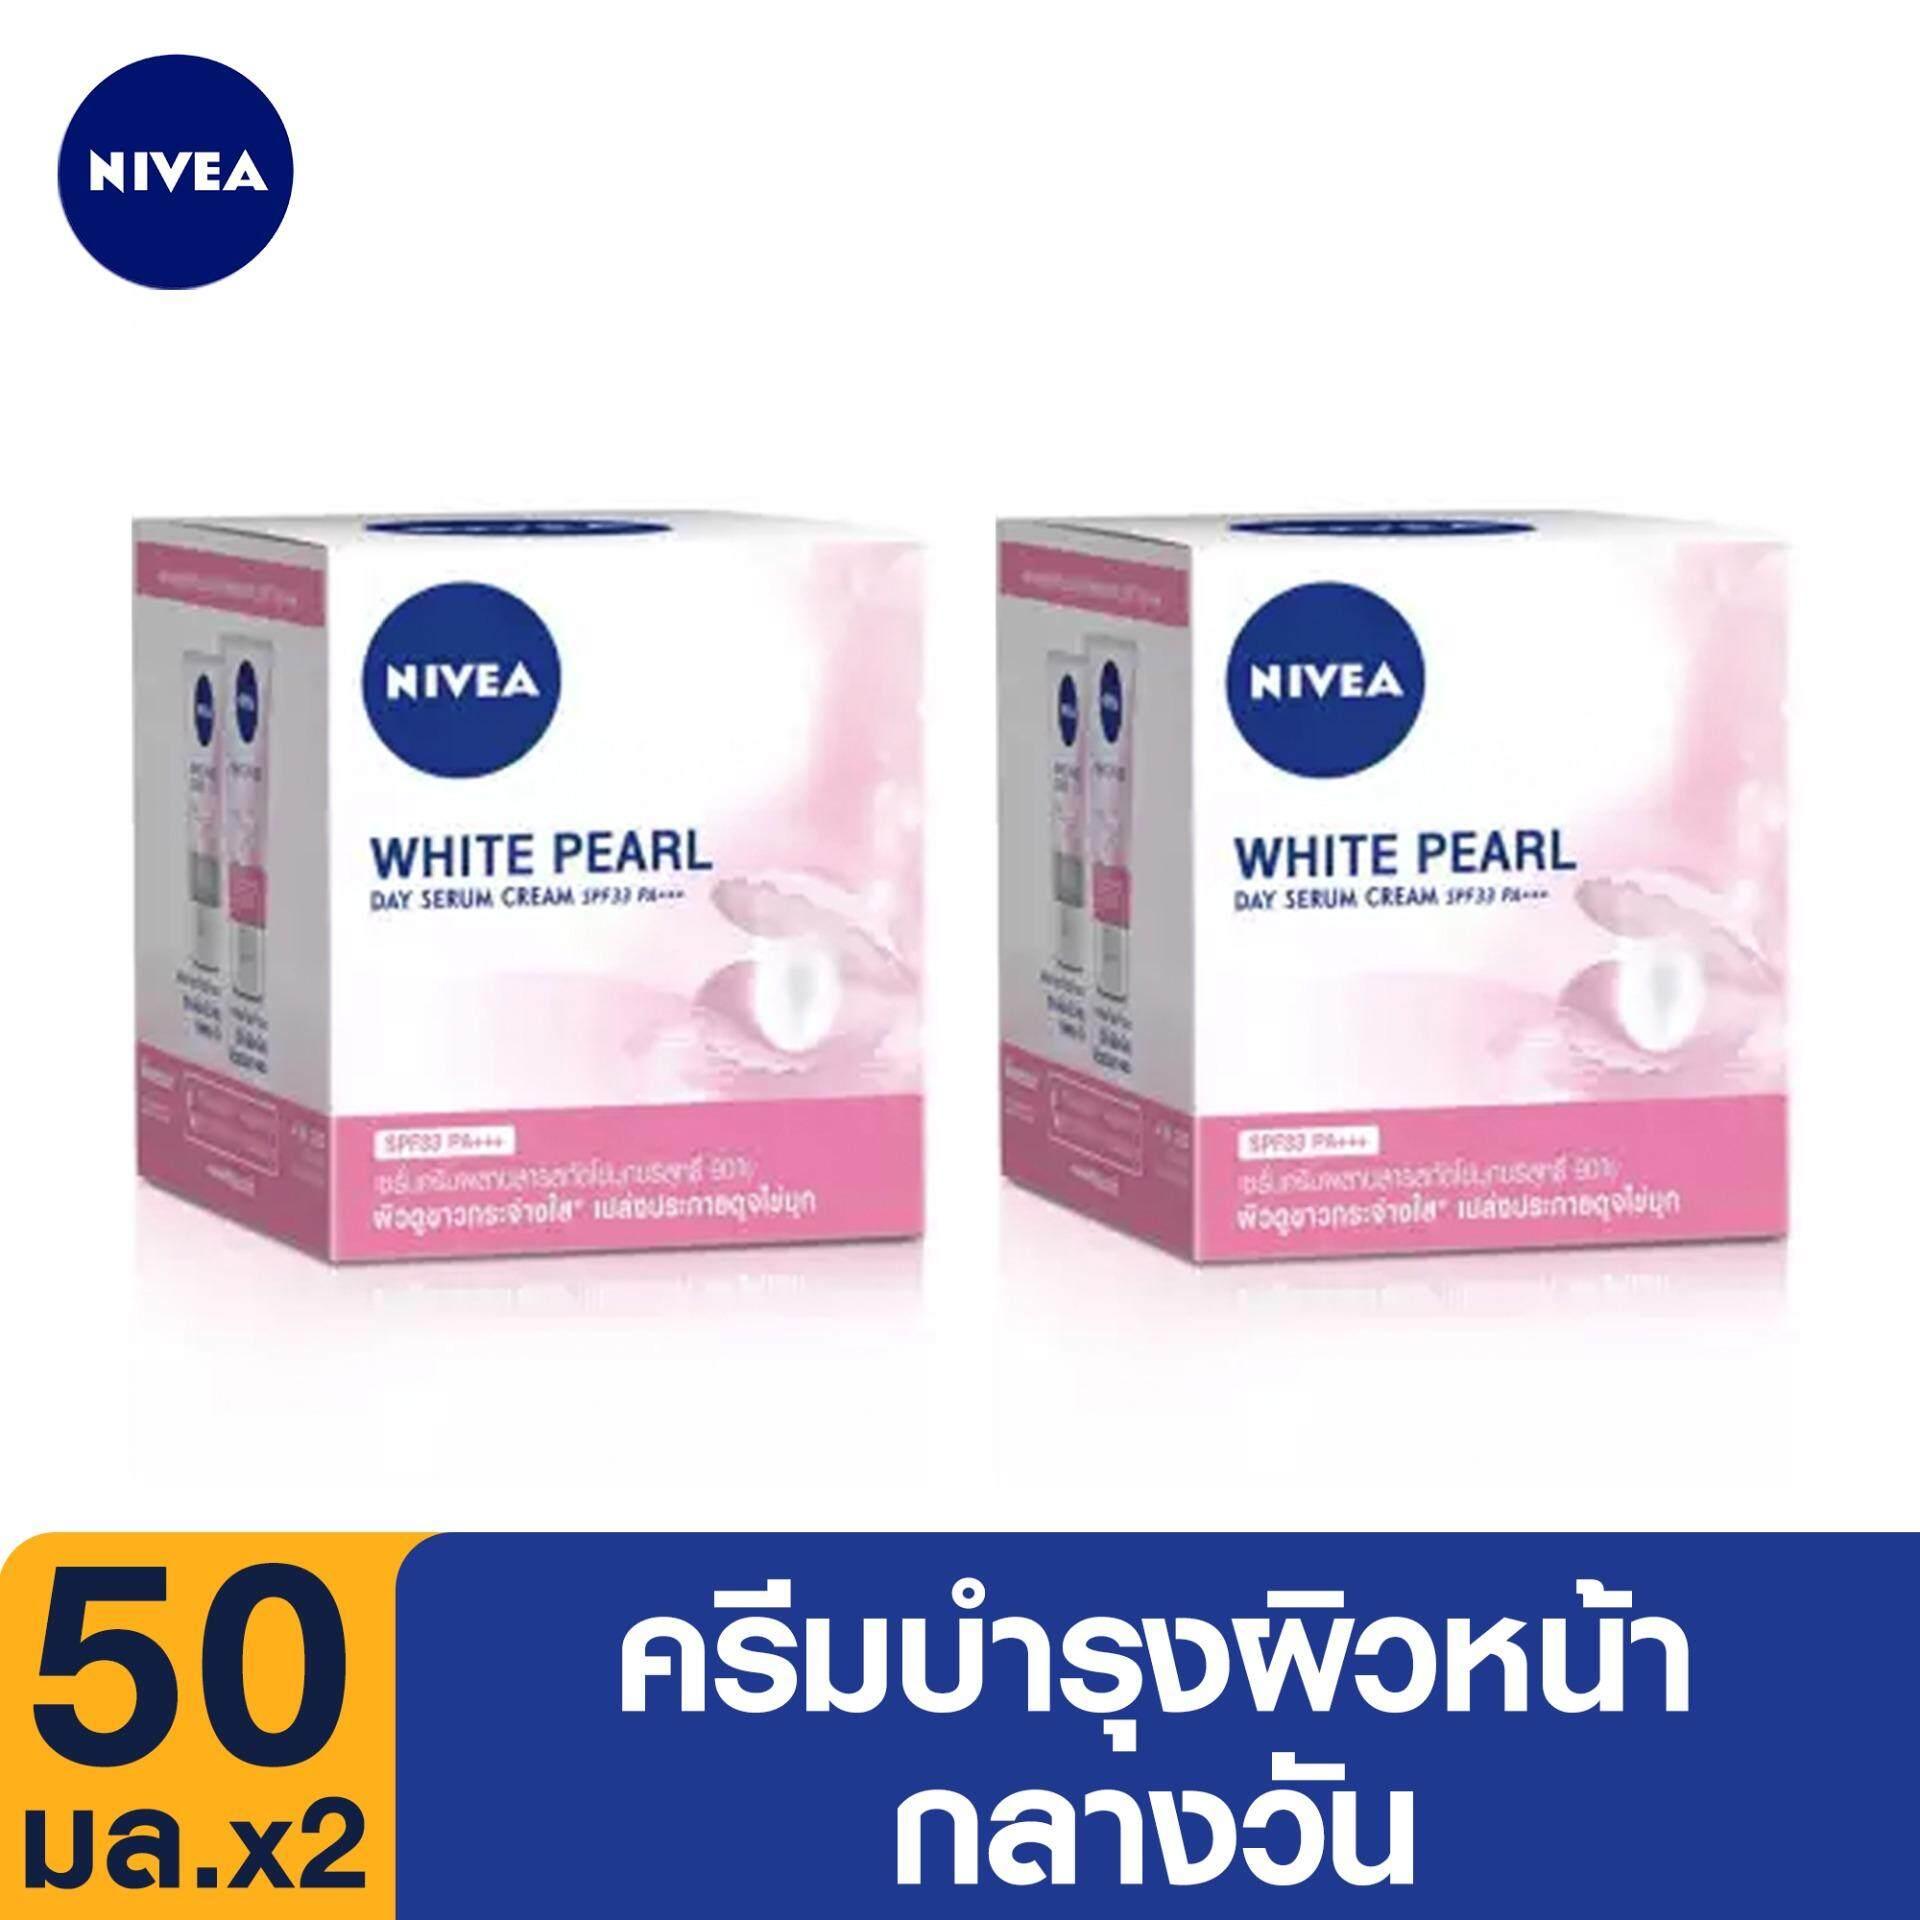 นีเวีย เอ็กซ์ตร้า ไวท์ เดย์ ครีม สูตรพอร์ มินิไมเซอร์ SPF33 50 มล. 2 ชิ้น NIVEA Extra White Pore Minimiser Day Cream SPF30 50 ml. 2 pcs. (บำรุงผิวหน้า, ป้องกันแสงแดด, ผิวมัน, แต่งหน้าบ่อย, คล้ำเสียง่าย, ผลัดผิวขาว, ลดจุดด่างดำ, ผิวขาวกระจ่างใส)